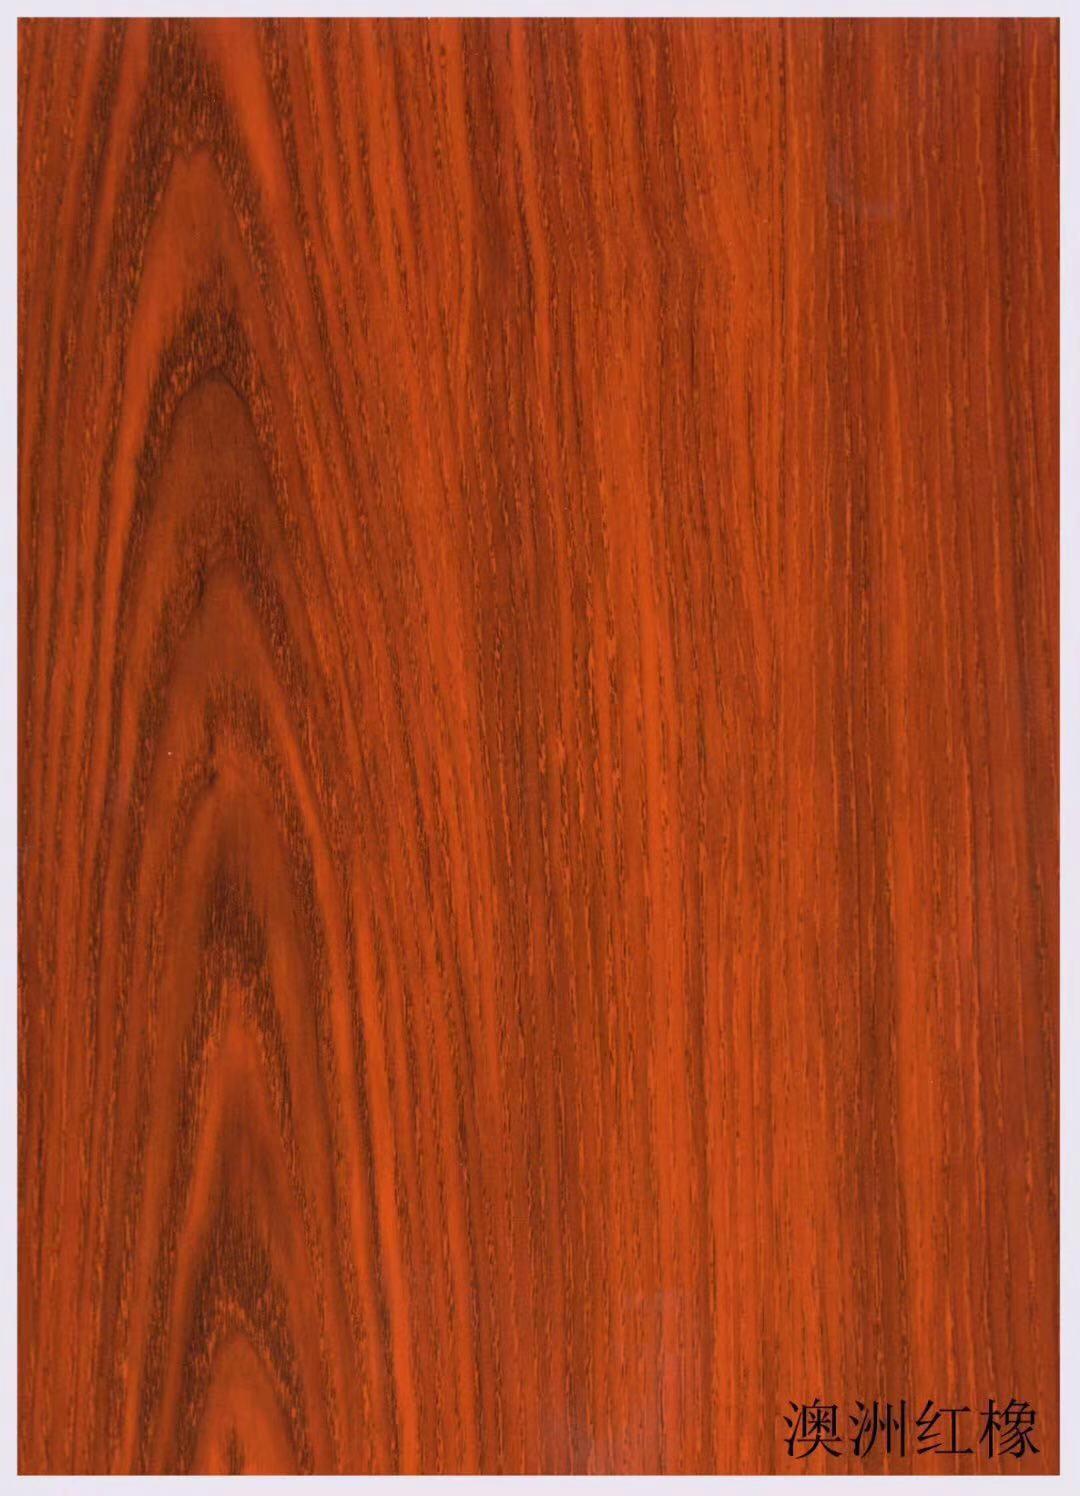 高比不锈钢板热转印澳洲红橡木纹 1